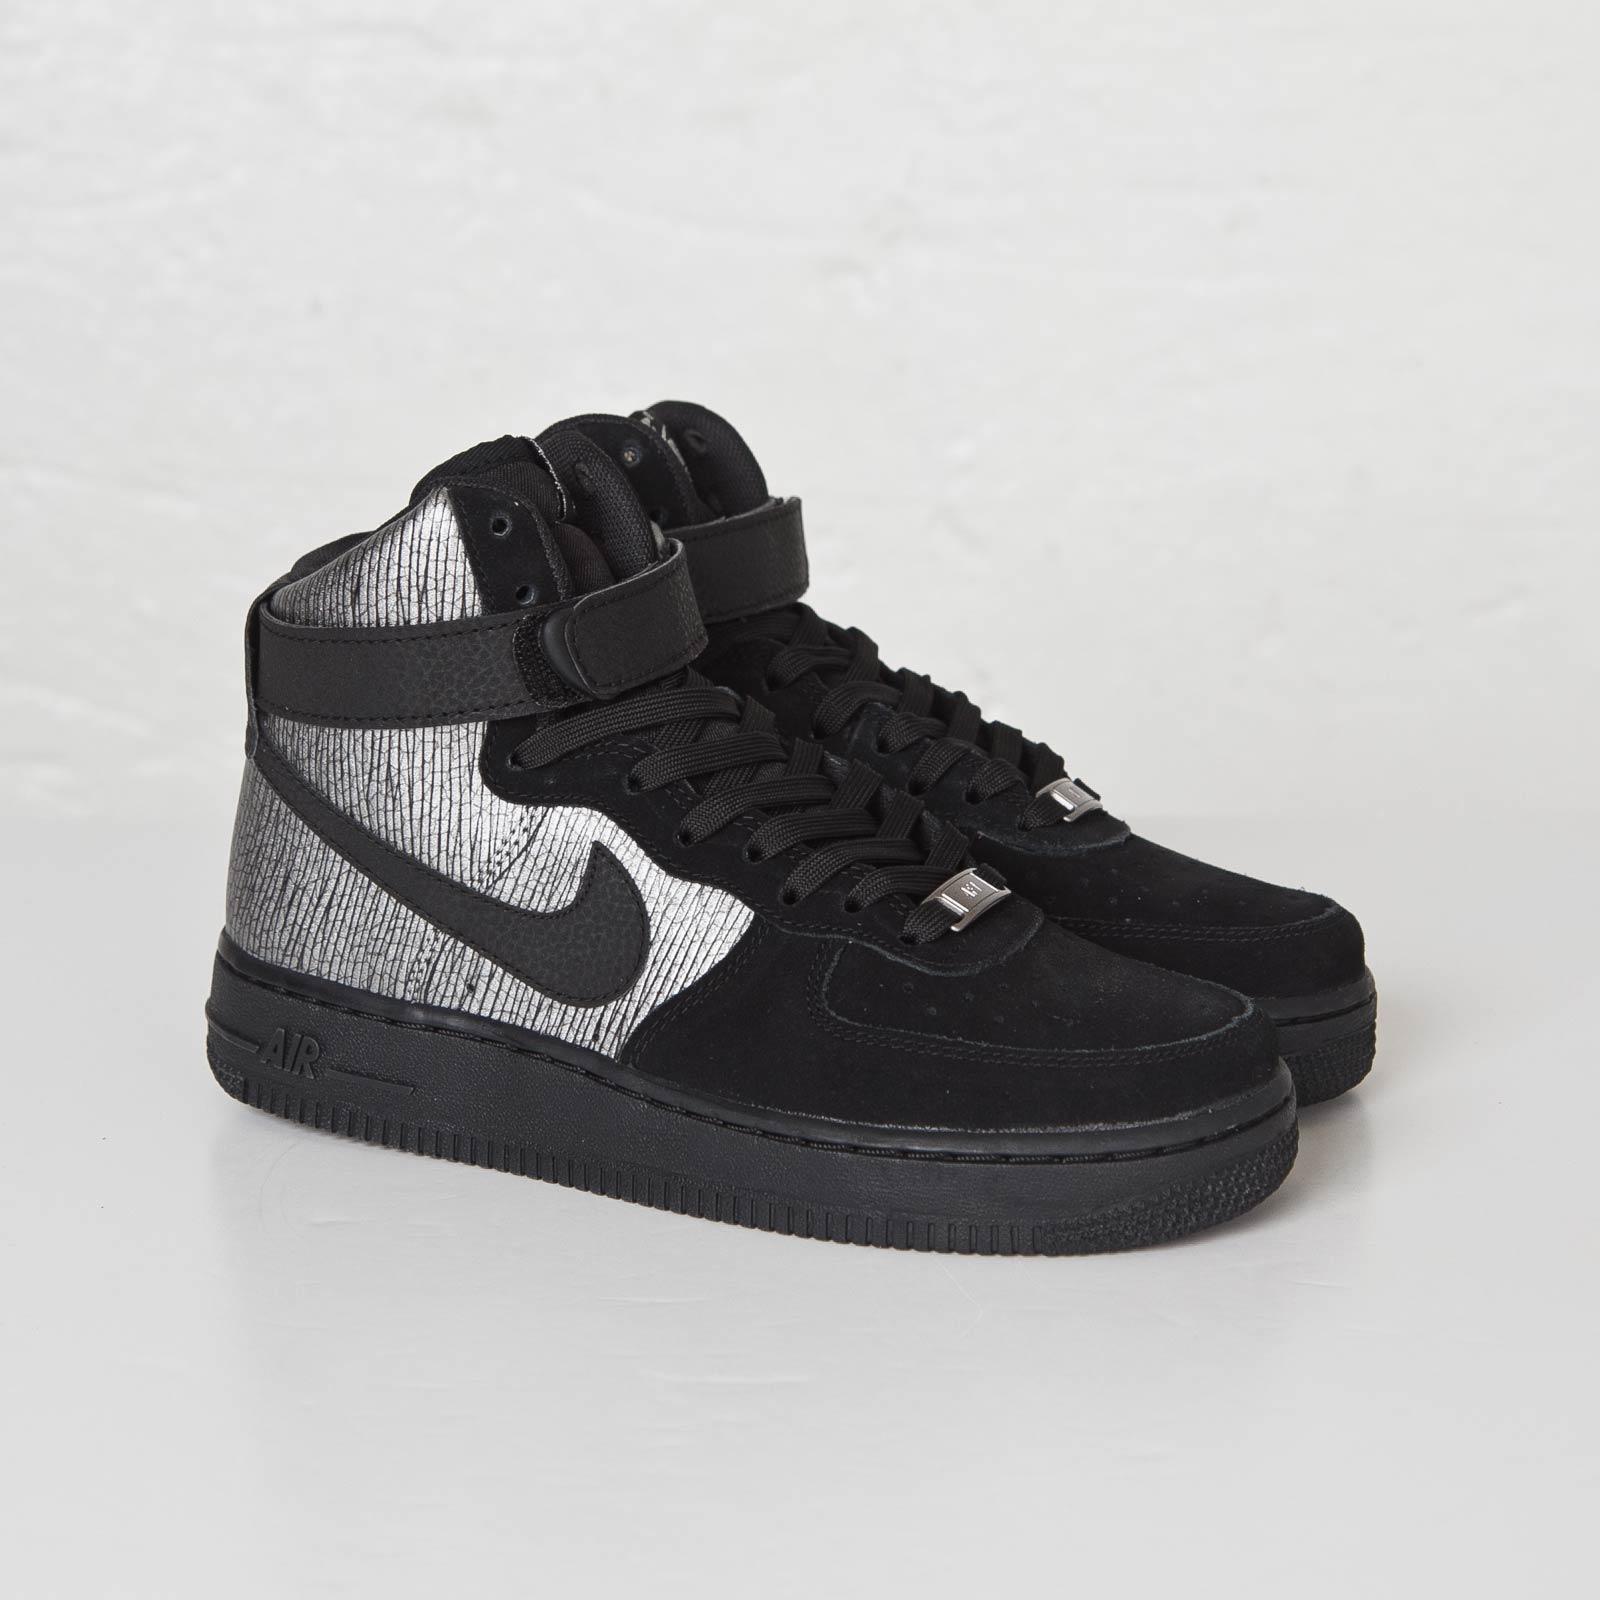 new styles 4804e 4b7a4 Nike Wmns Air Force 1 Hi Premium